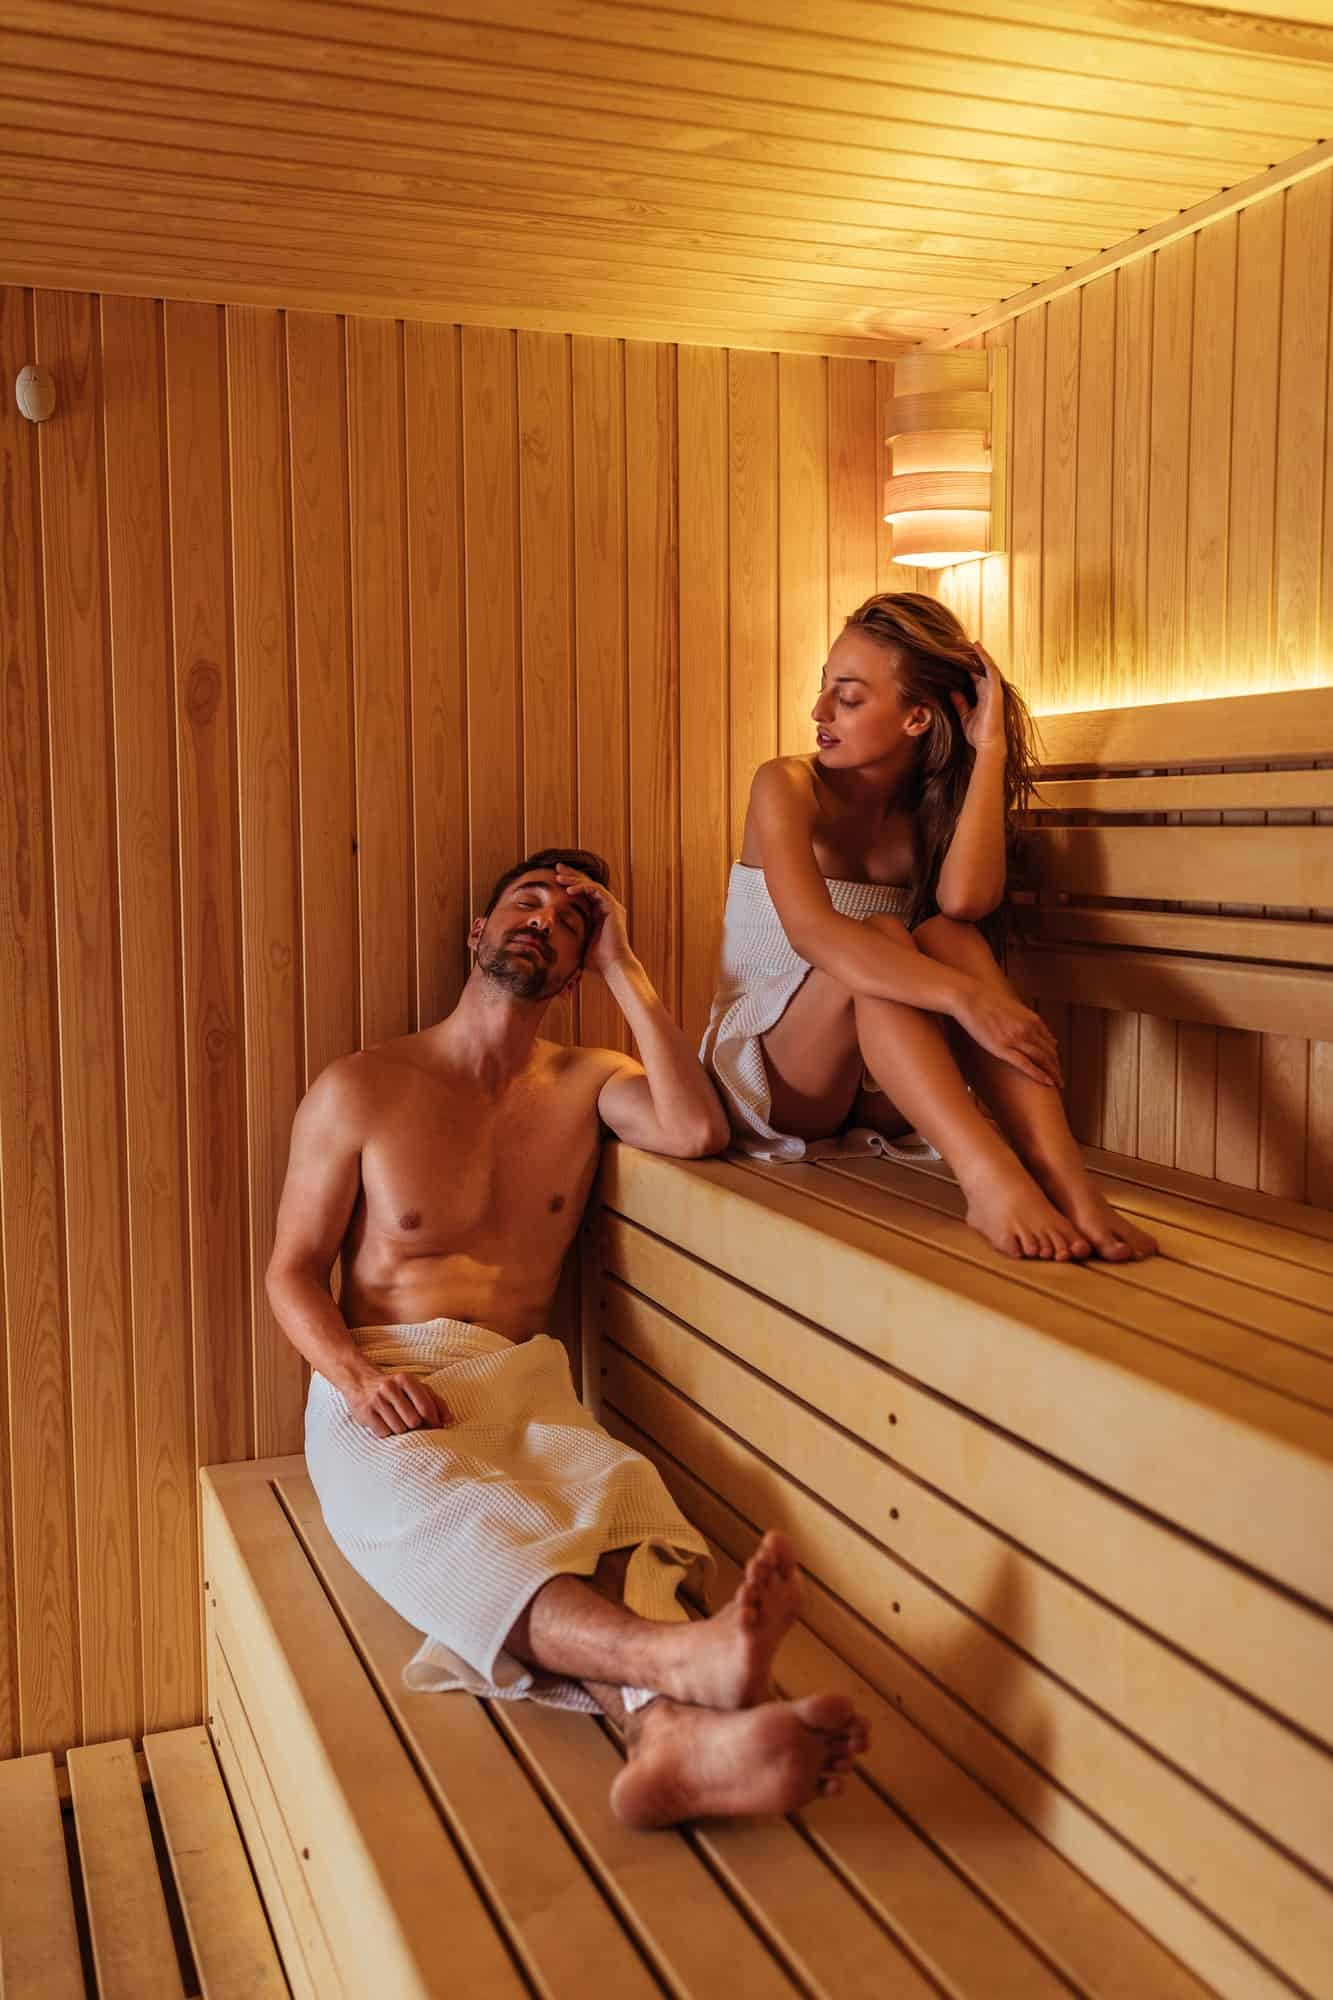 Mann und Frau hören Musik mit Sauna-Lautsprechern